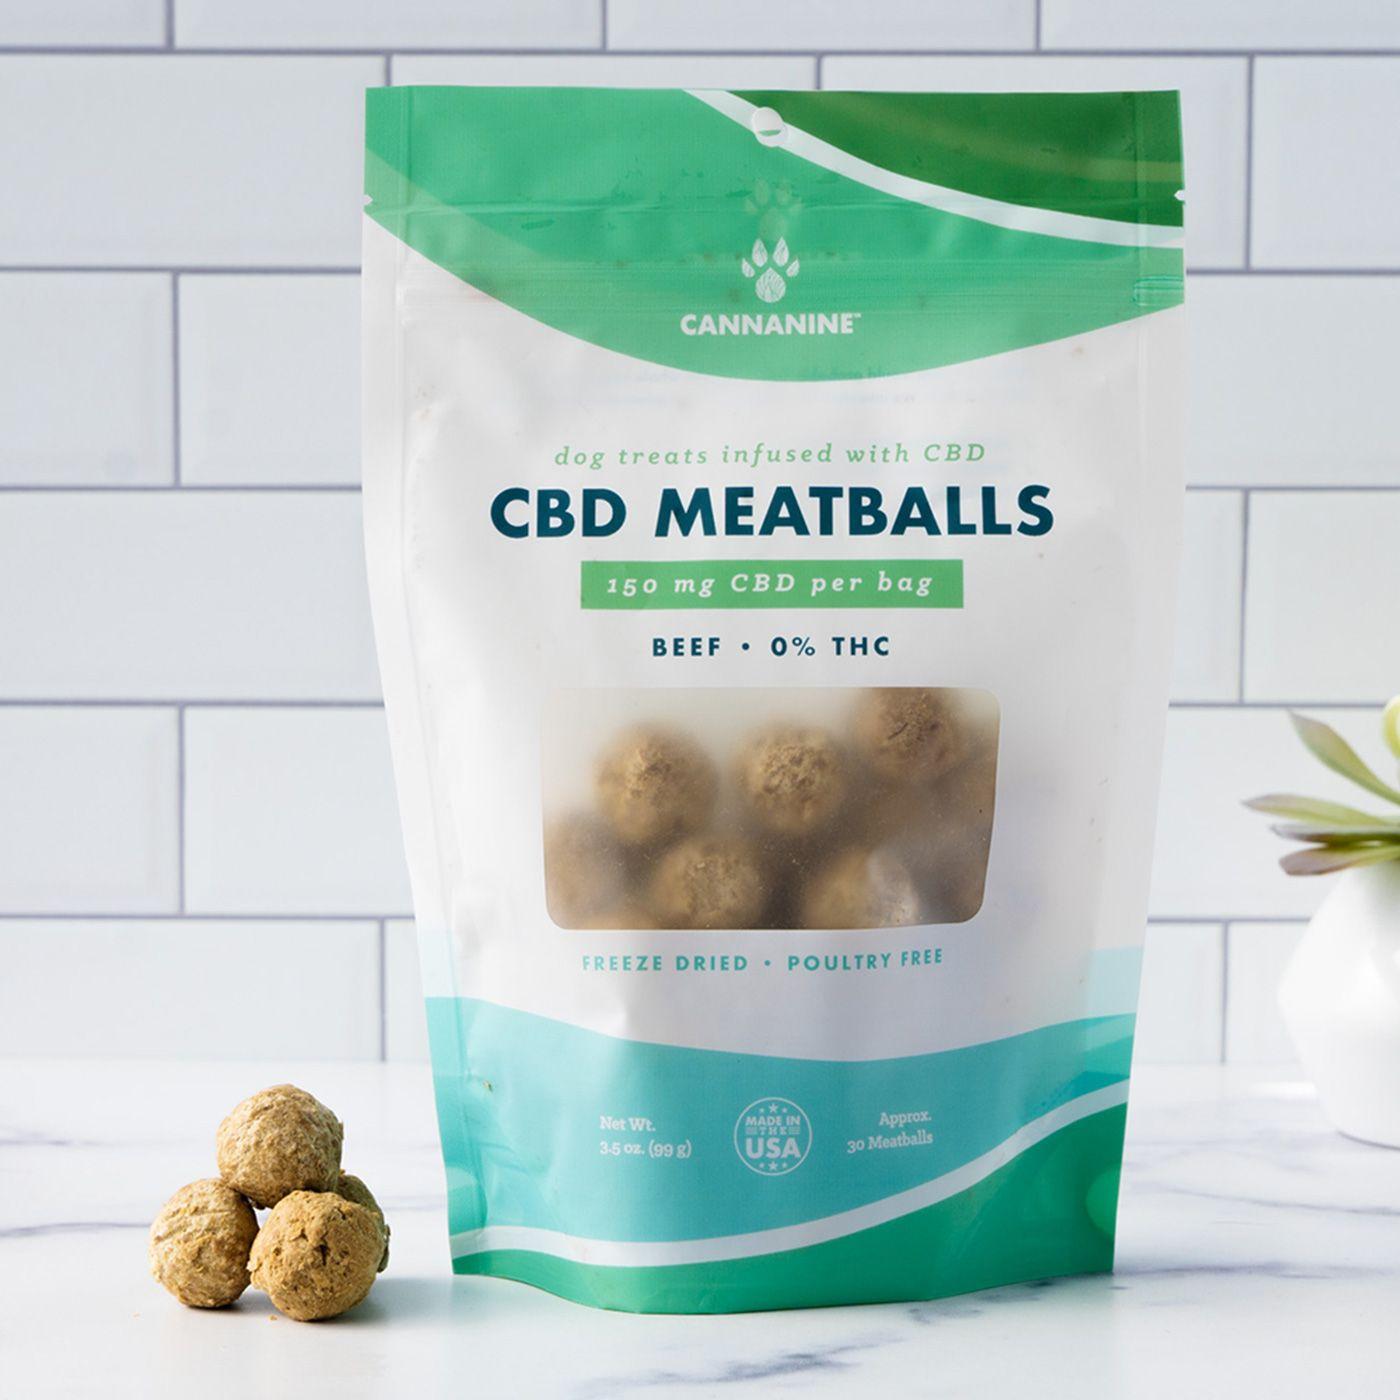 Cannanine CBD Meatball treats